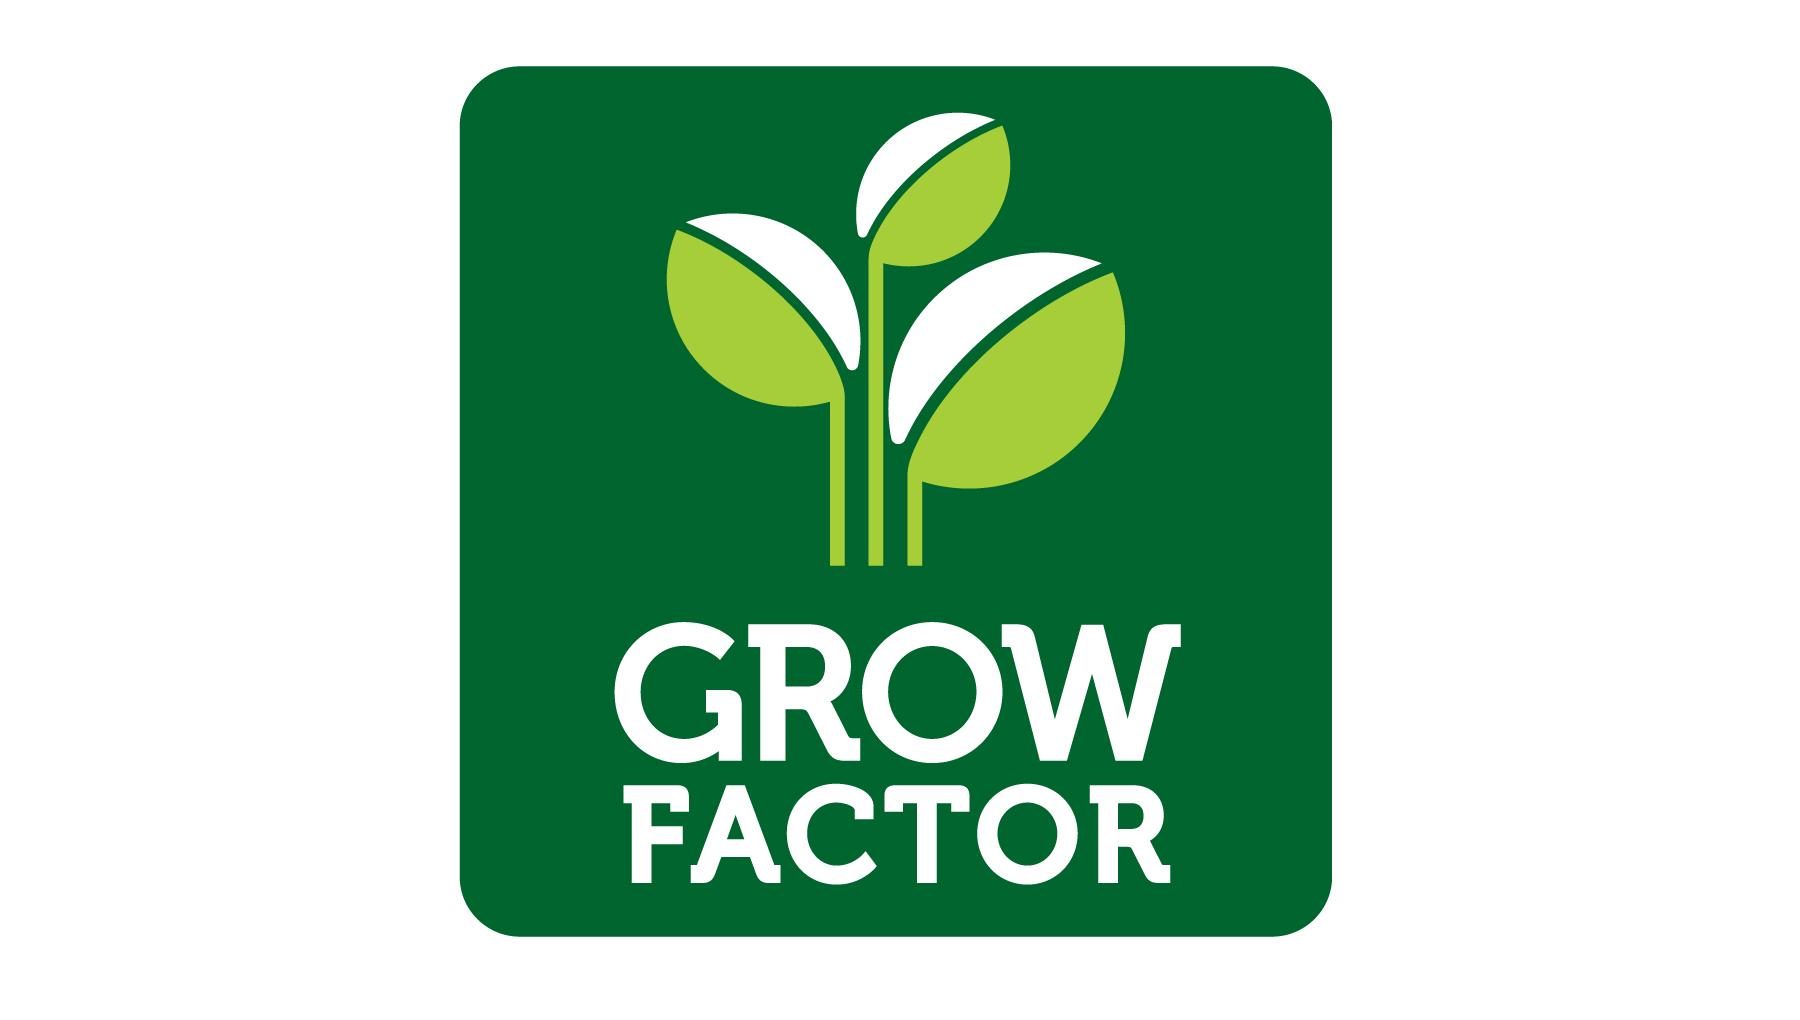 Търговска марка Grow Factor.